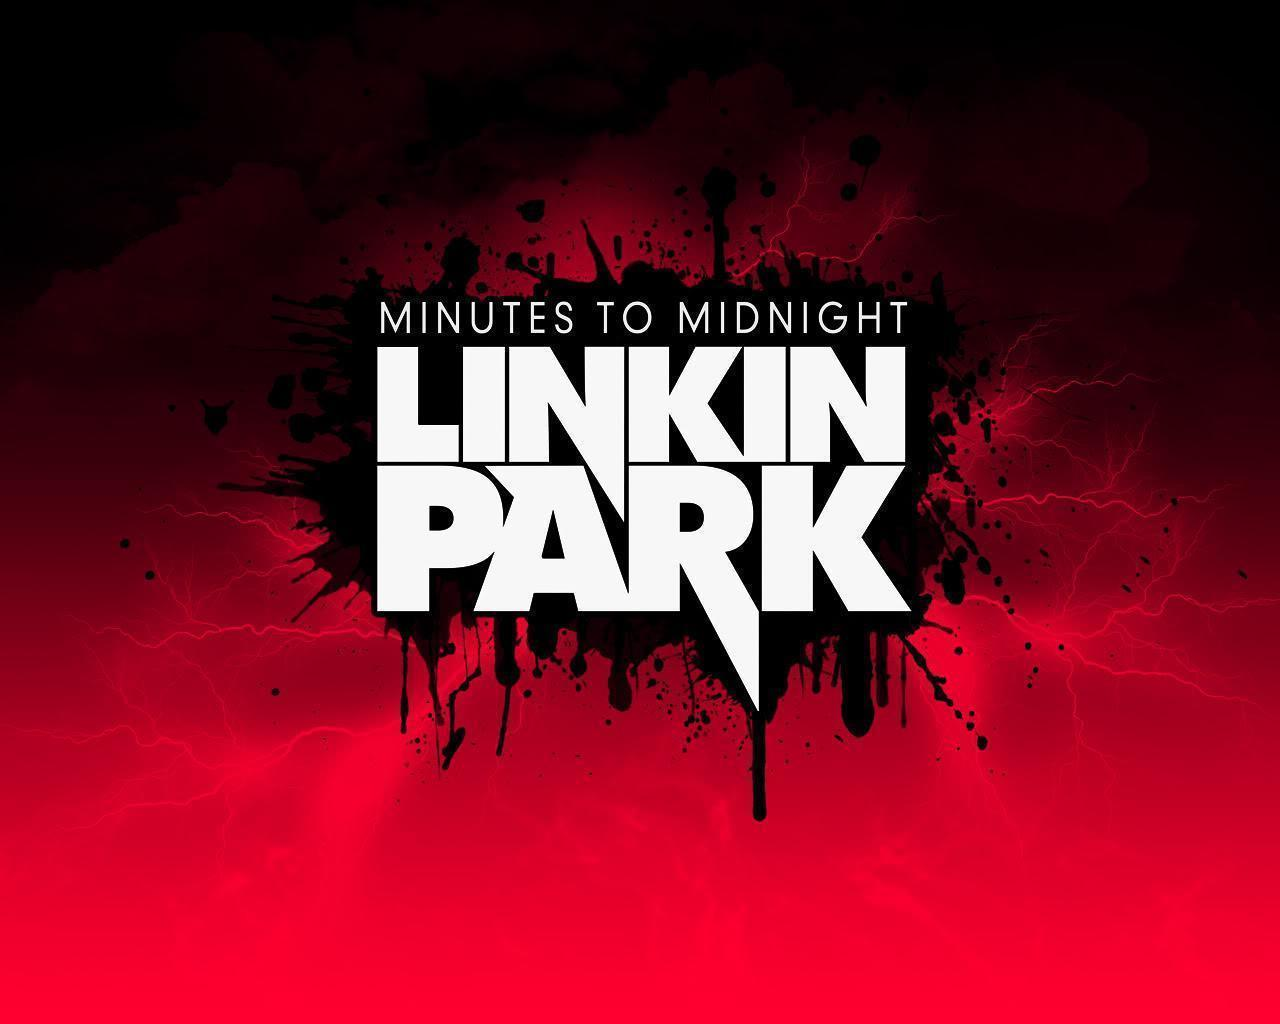 970 Koleksi Gambar Keren Linkin Park Gratis Terbaru